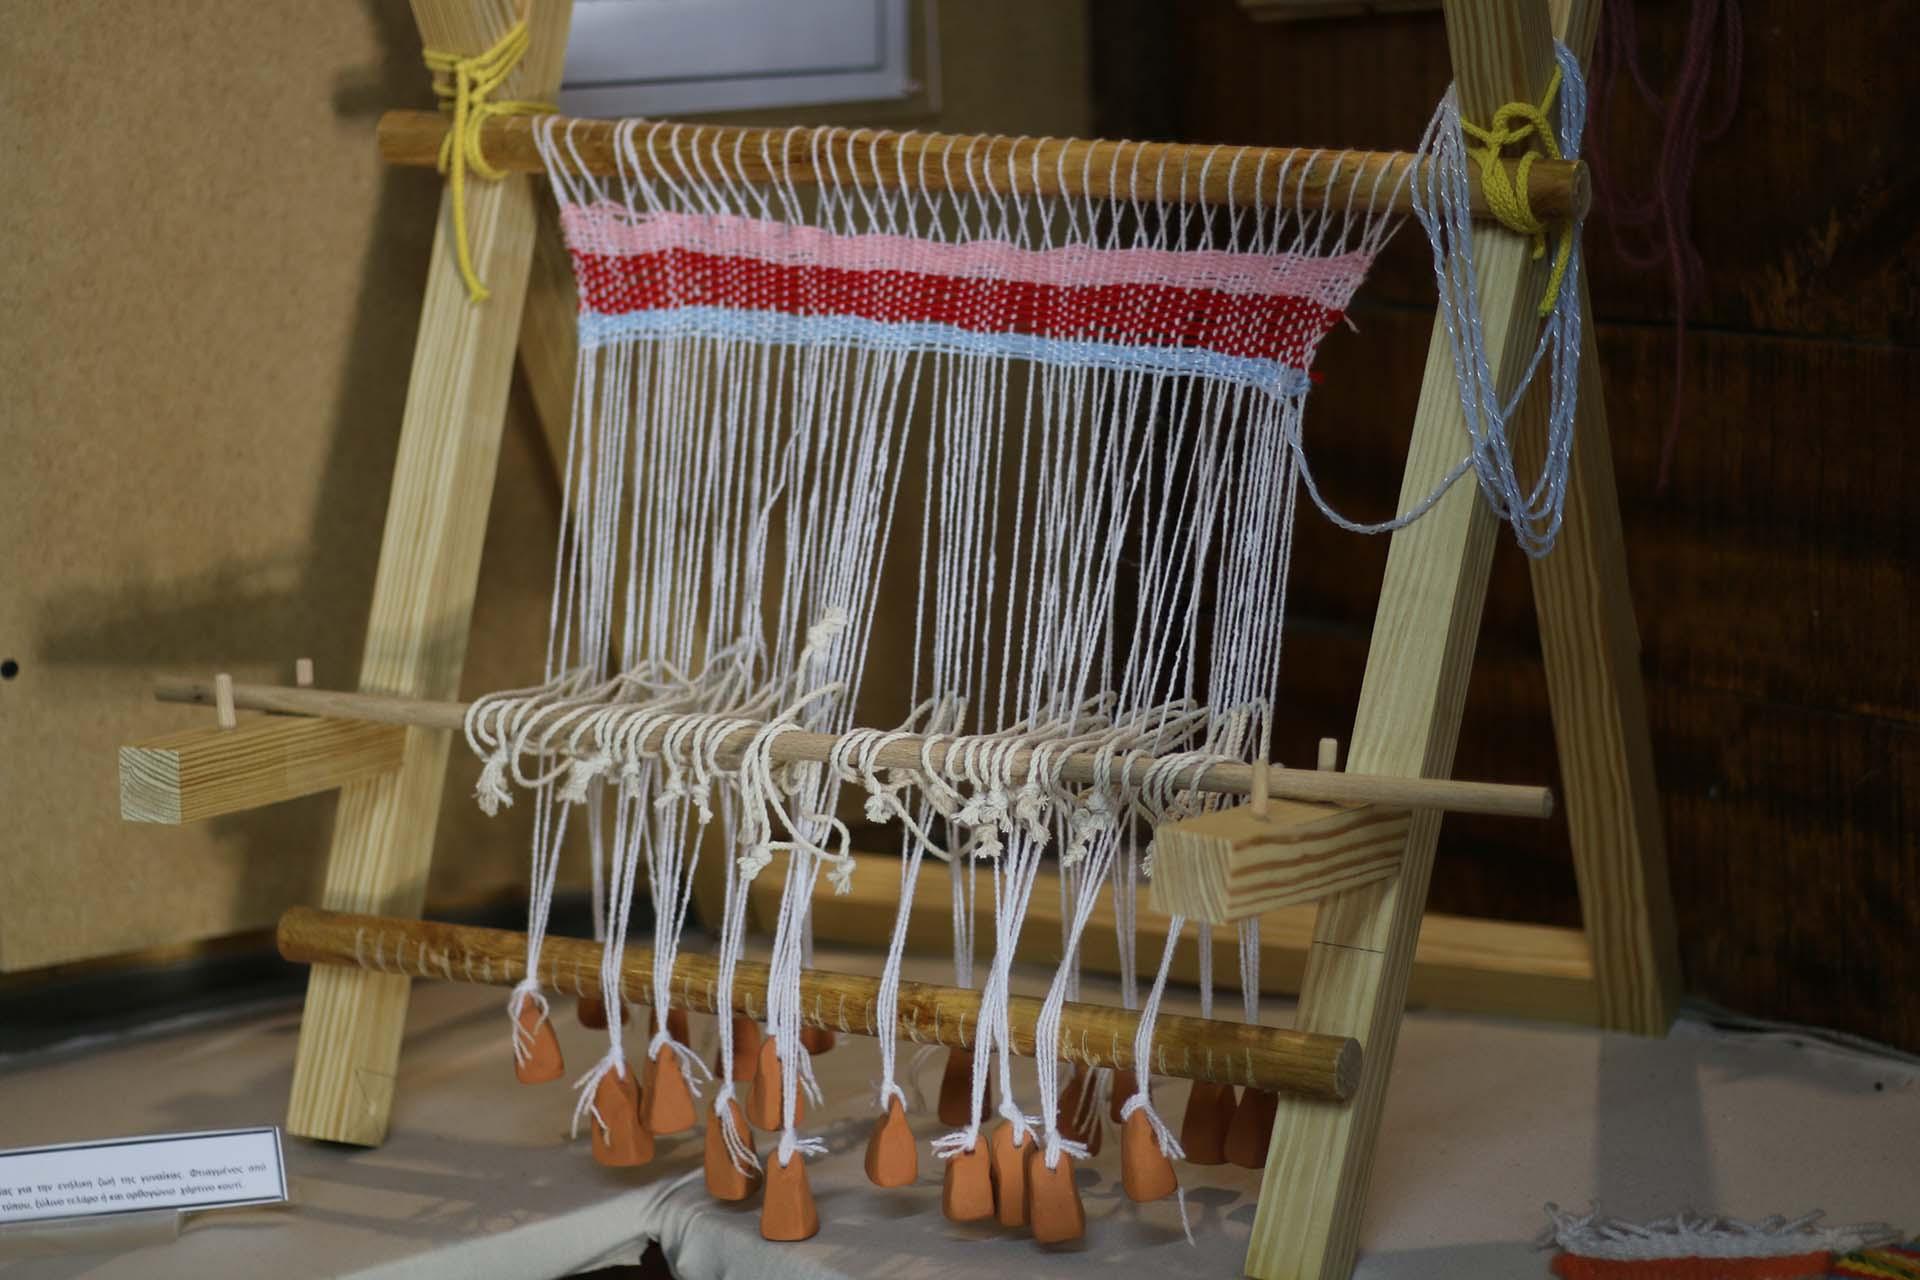 4ο Φεστιβάλ Παραδοσιακού Παιχνιδιού στο Λιβαδερό Κοζάνης